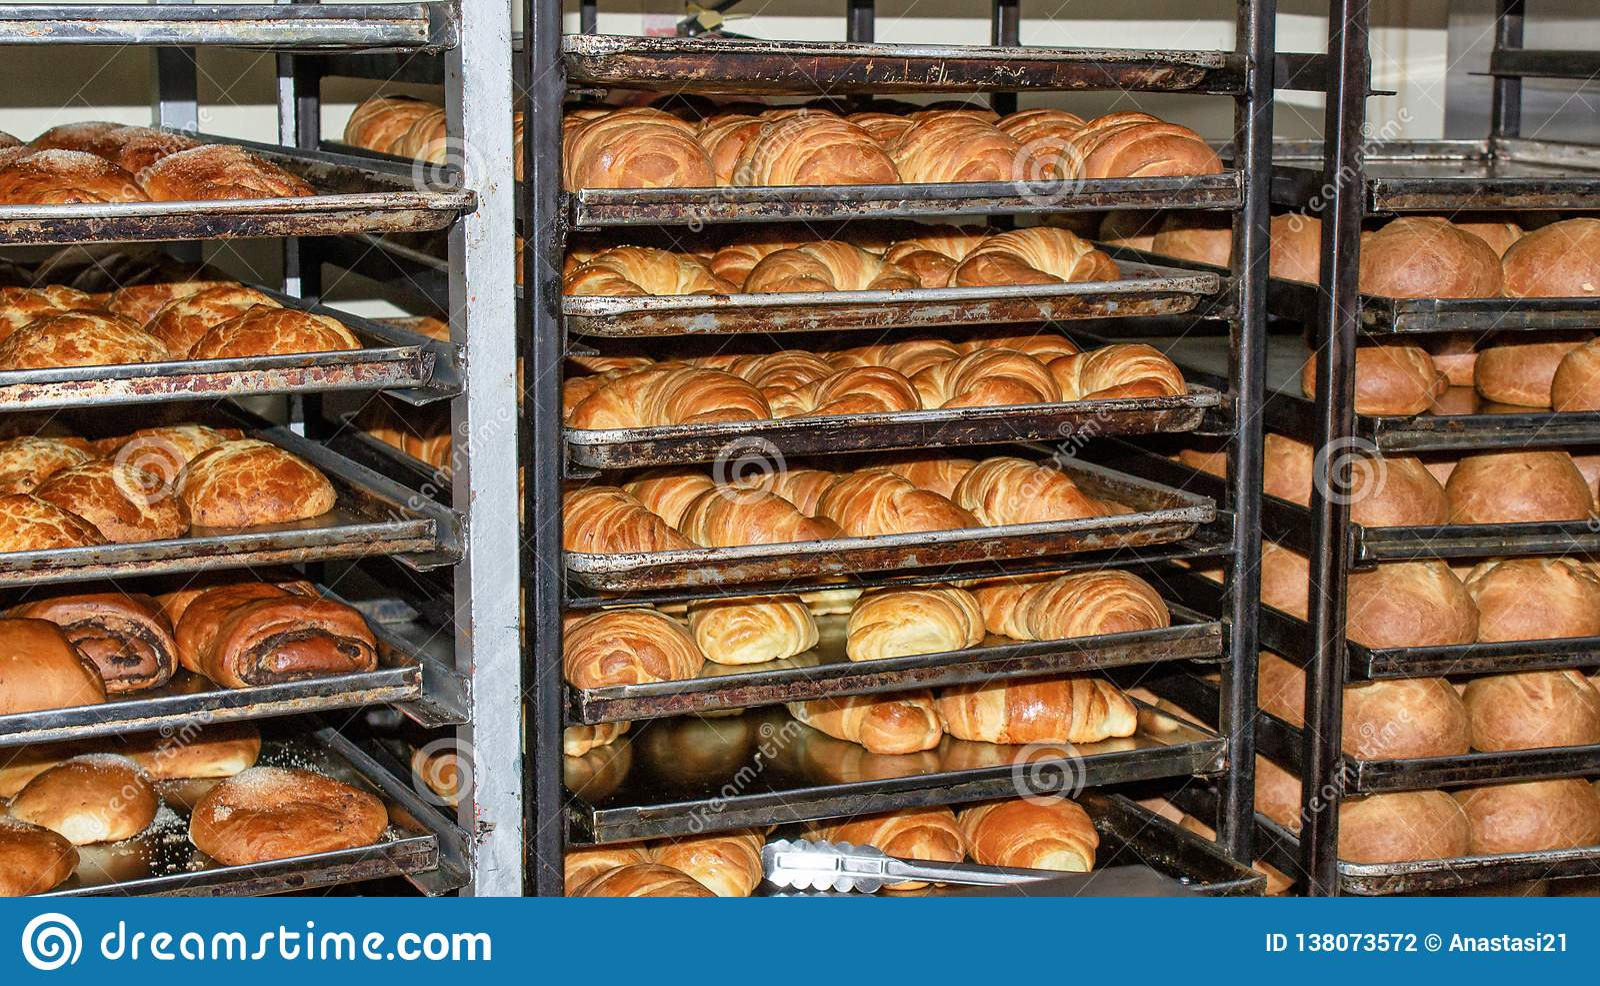 Свежо испекл хлеб, полки с плюшками эквадор quito